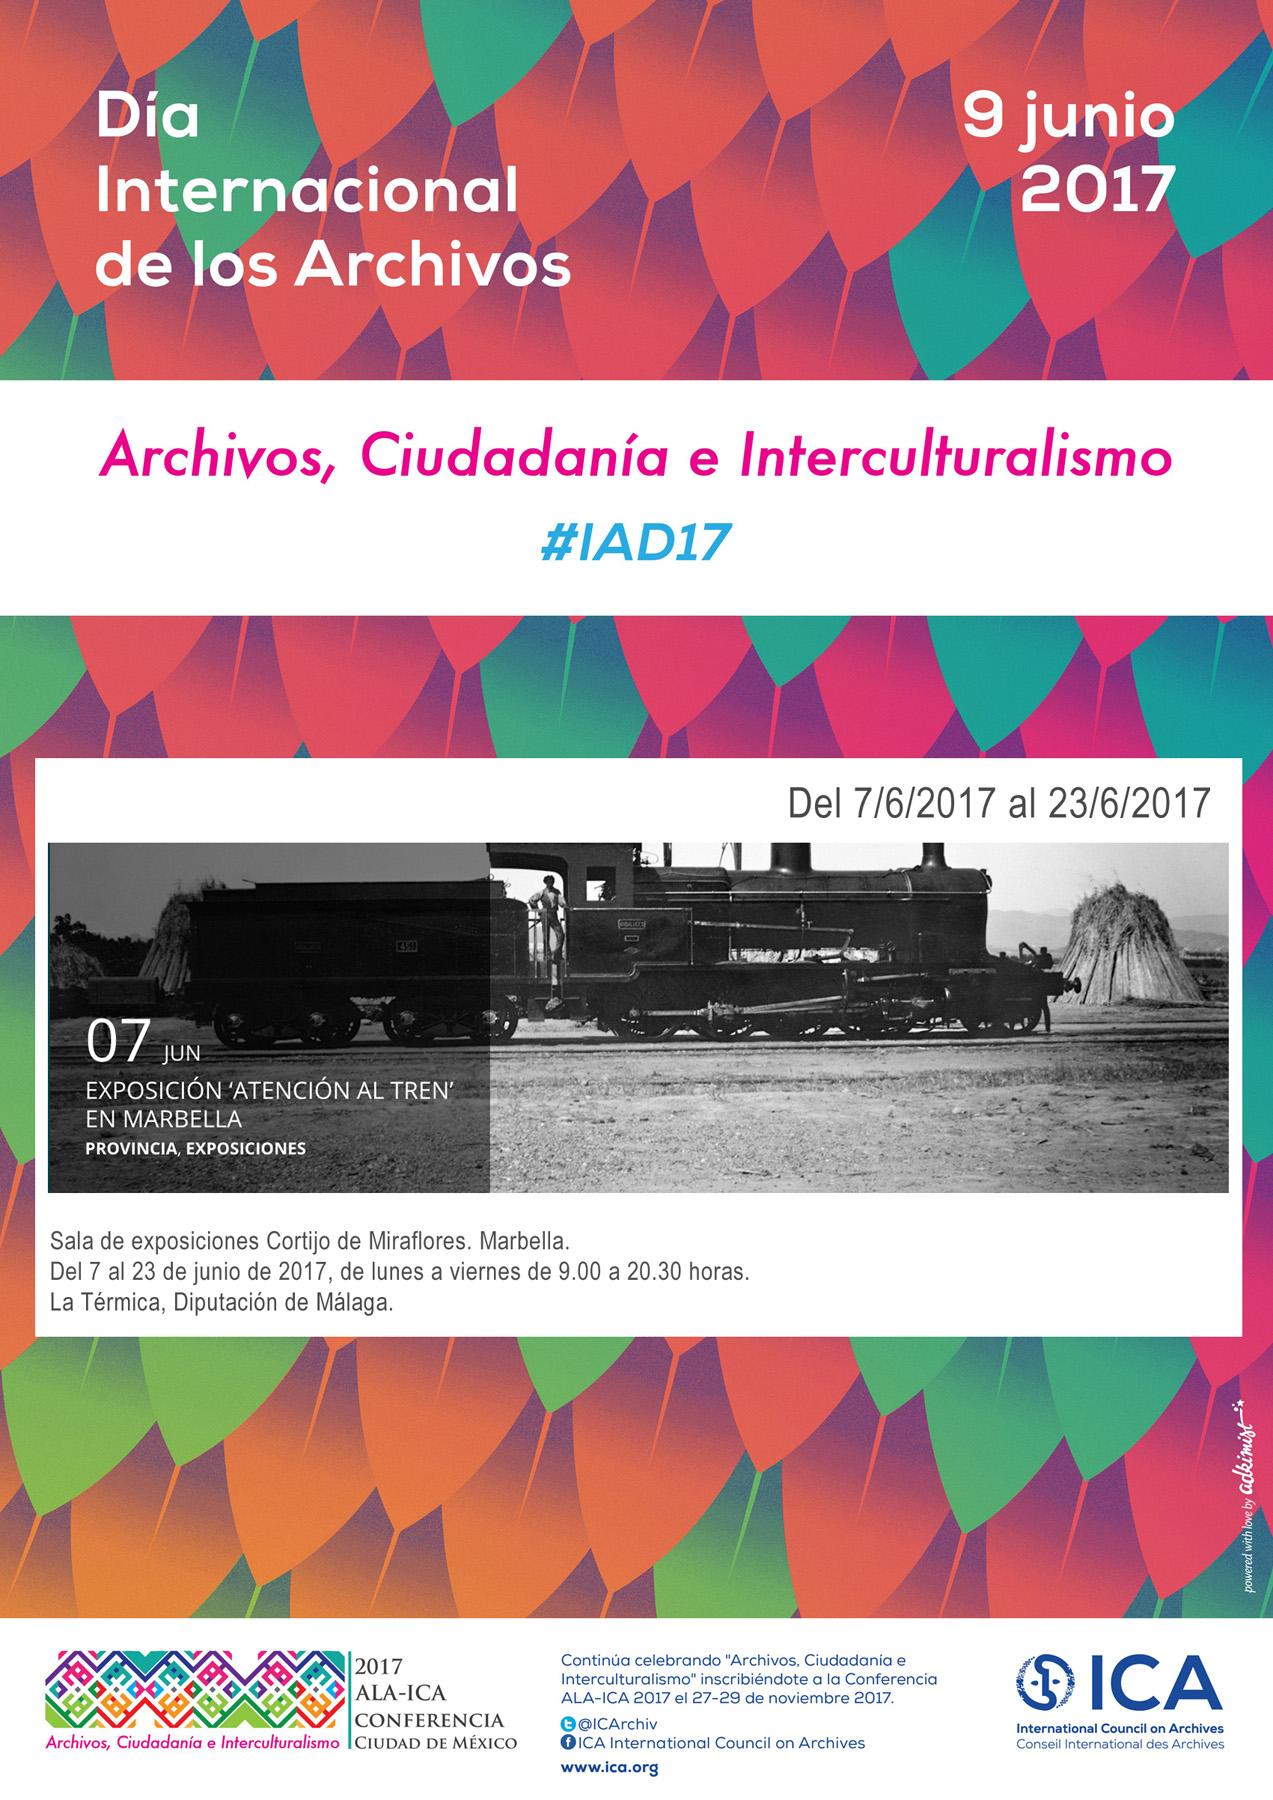 IAD 2017-Exposicion Atencion al tren